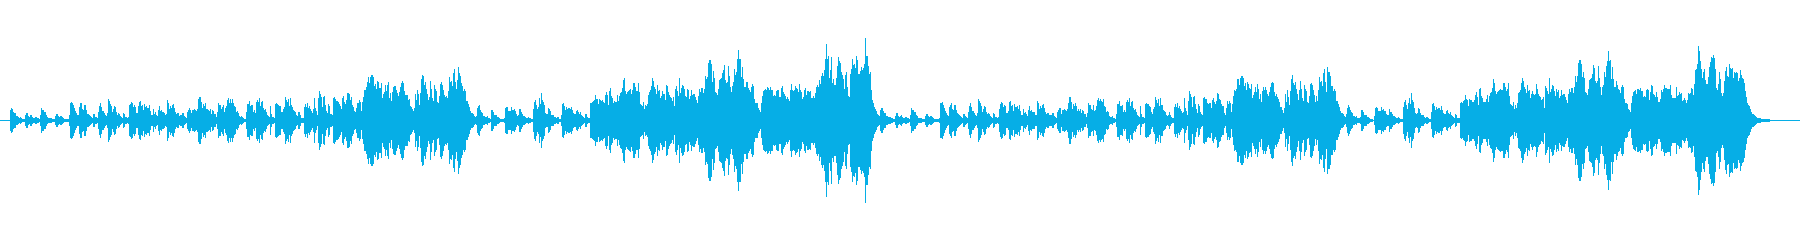 ワルツ「森の妖精」〜バレエ演舞曲〜の再生済みの波形